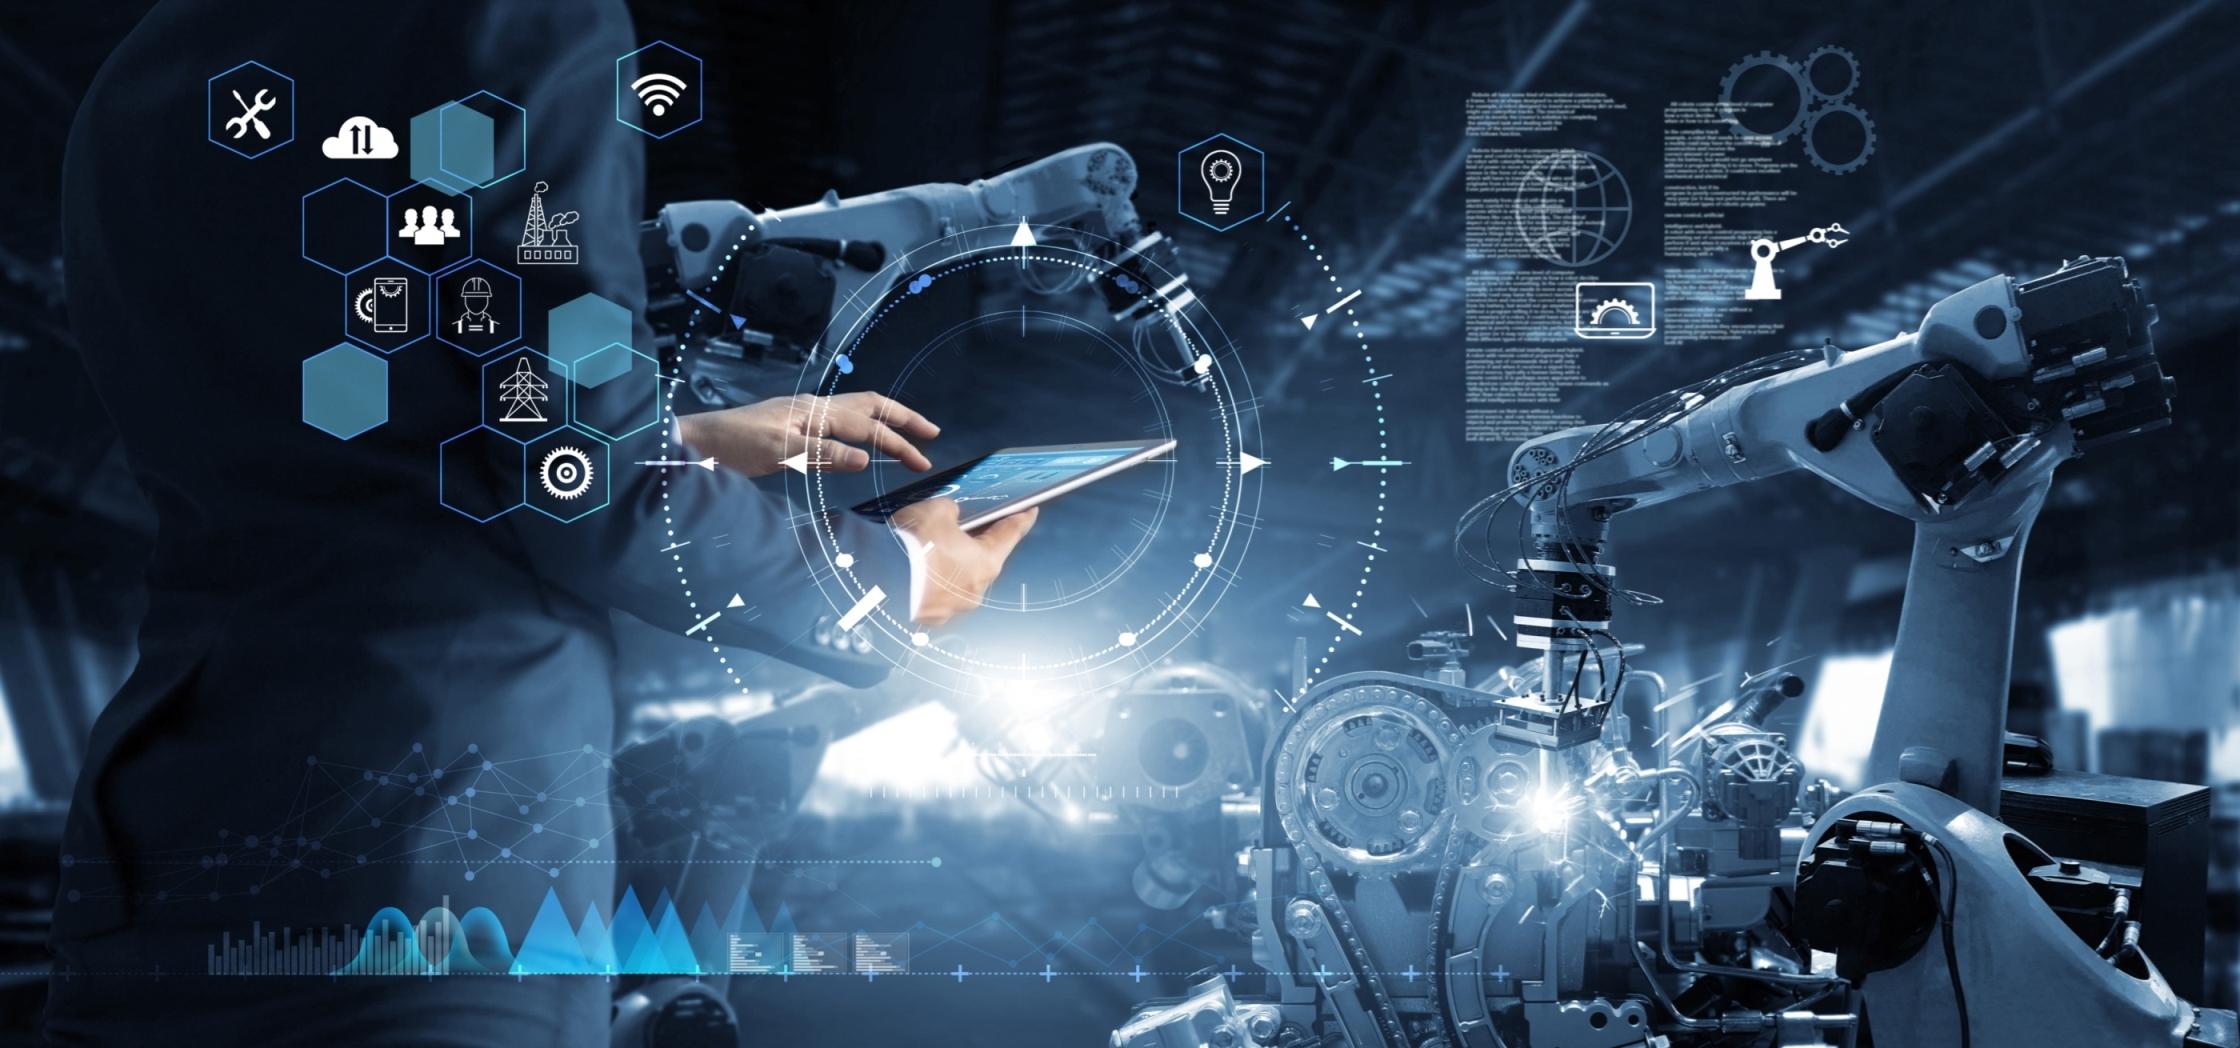 Yapay Zeka ve Robotlarla yeni bir çalışan sınıfı oluşmaya başladı: 'Metal yakalılar!'